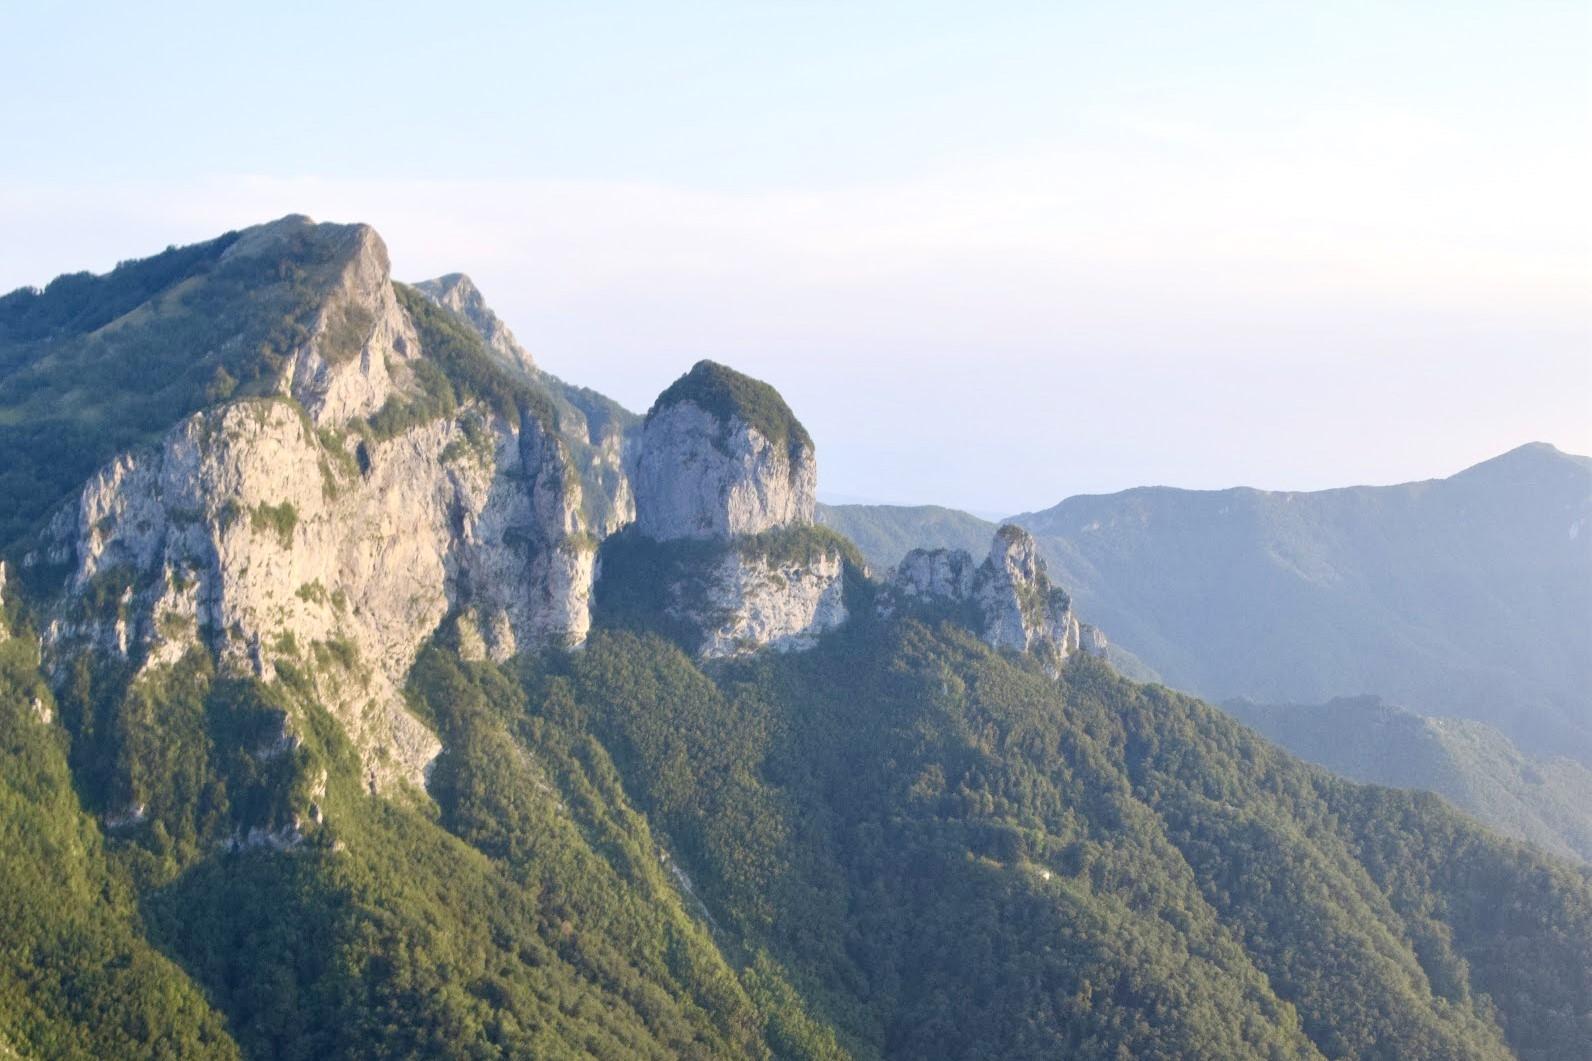 Un'immagine ingrandita della via ferrata del Monte Forato